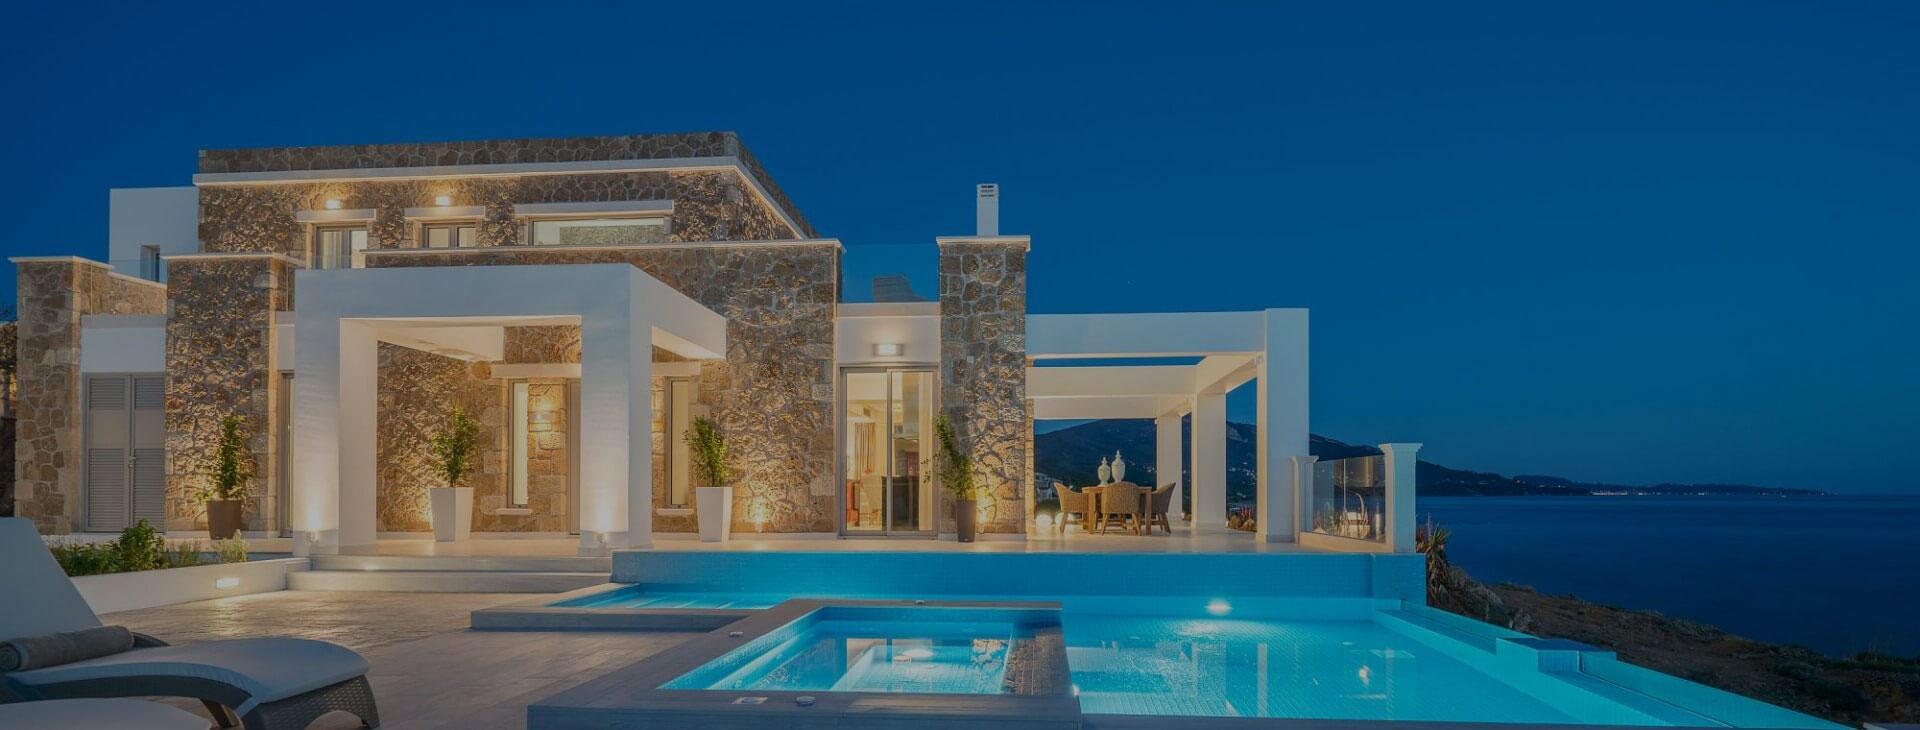 Vente Immobilier en Espagne